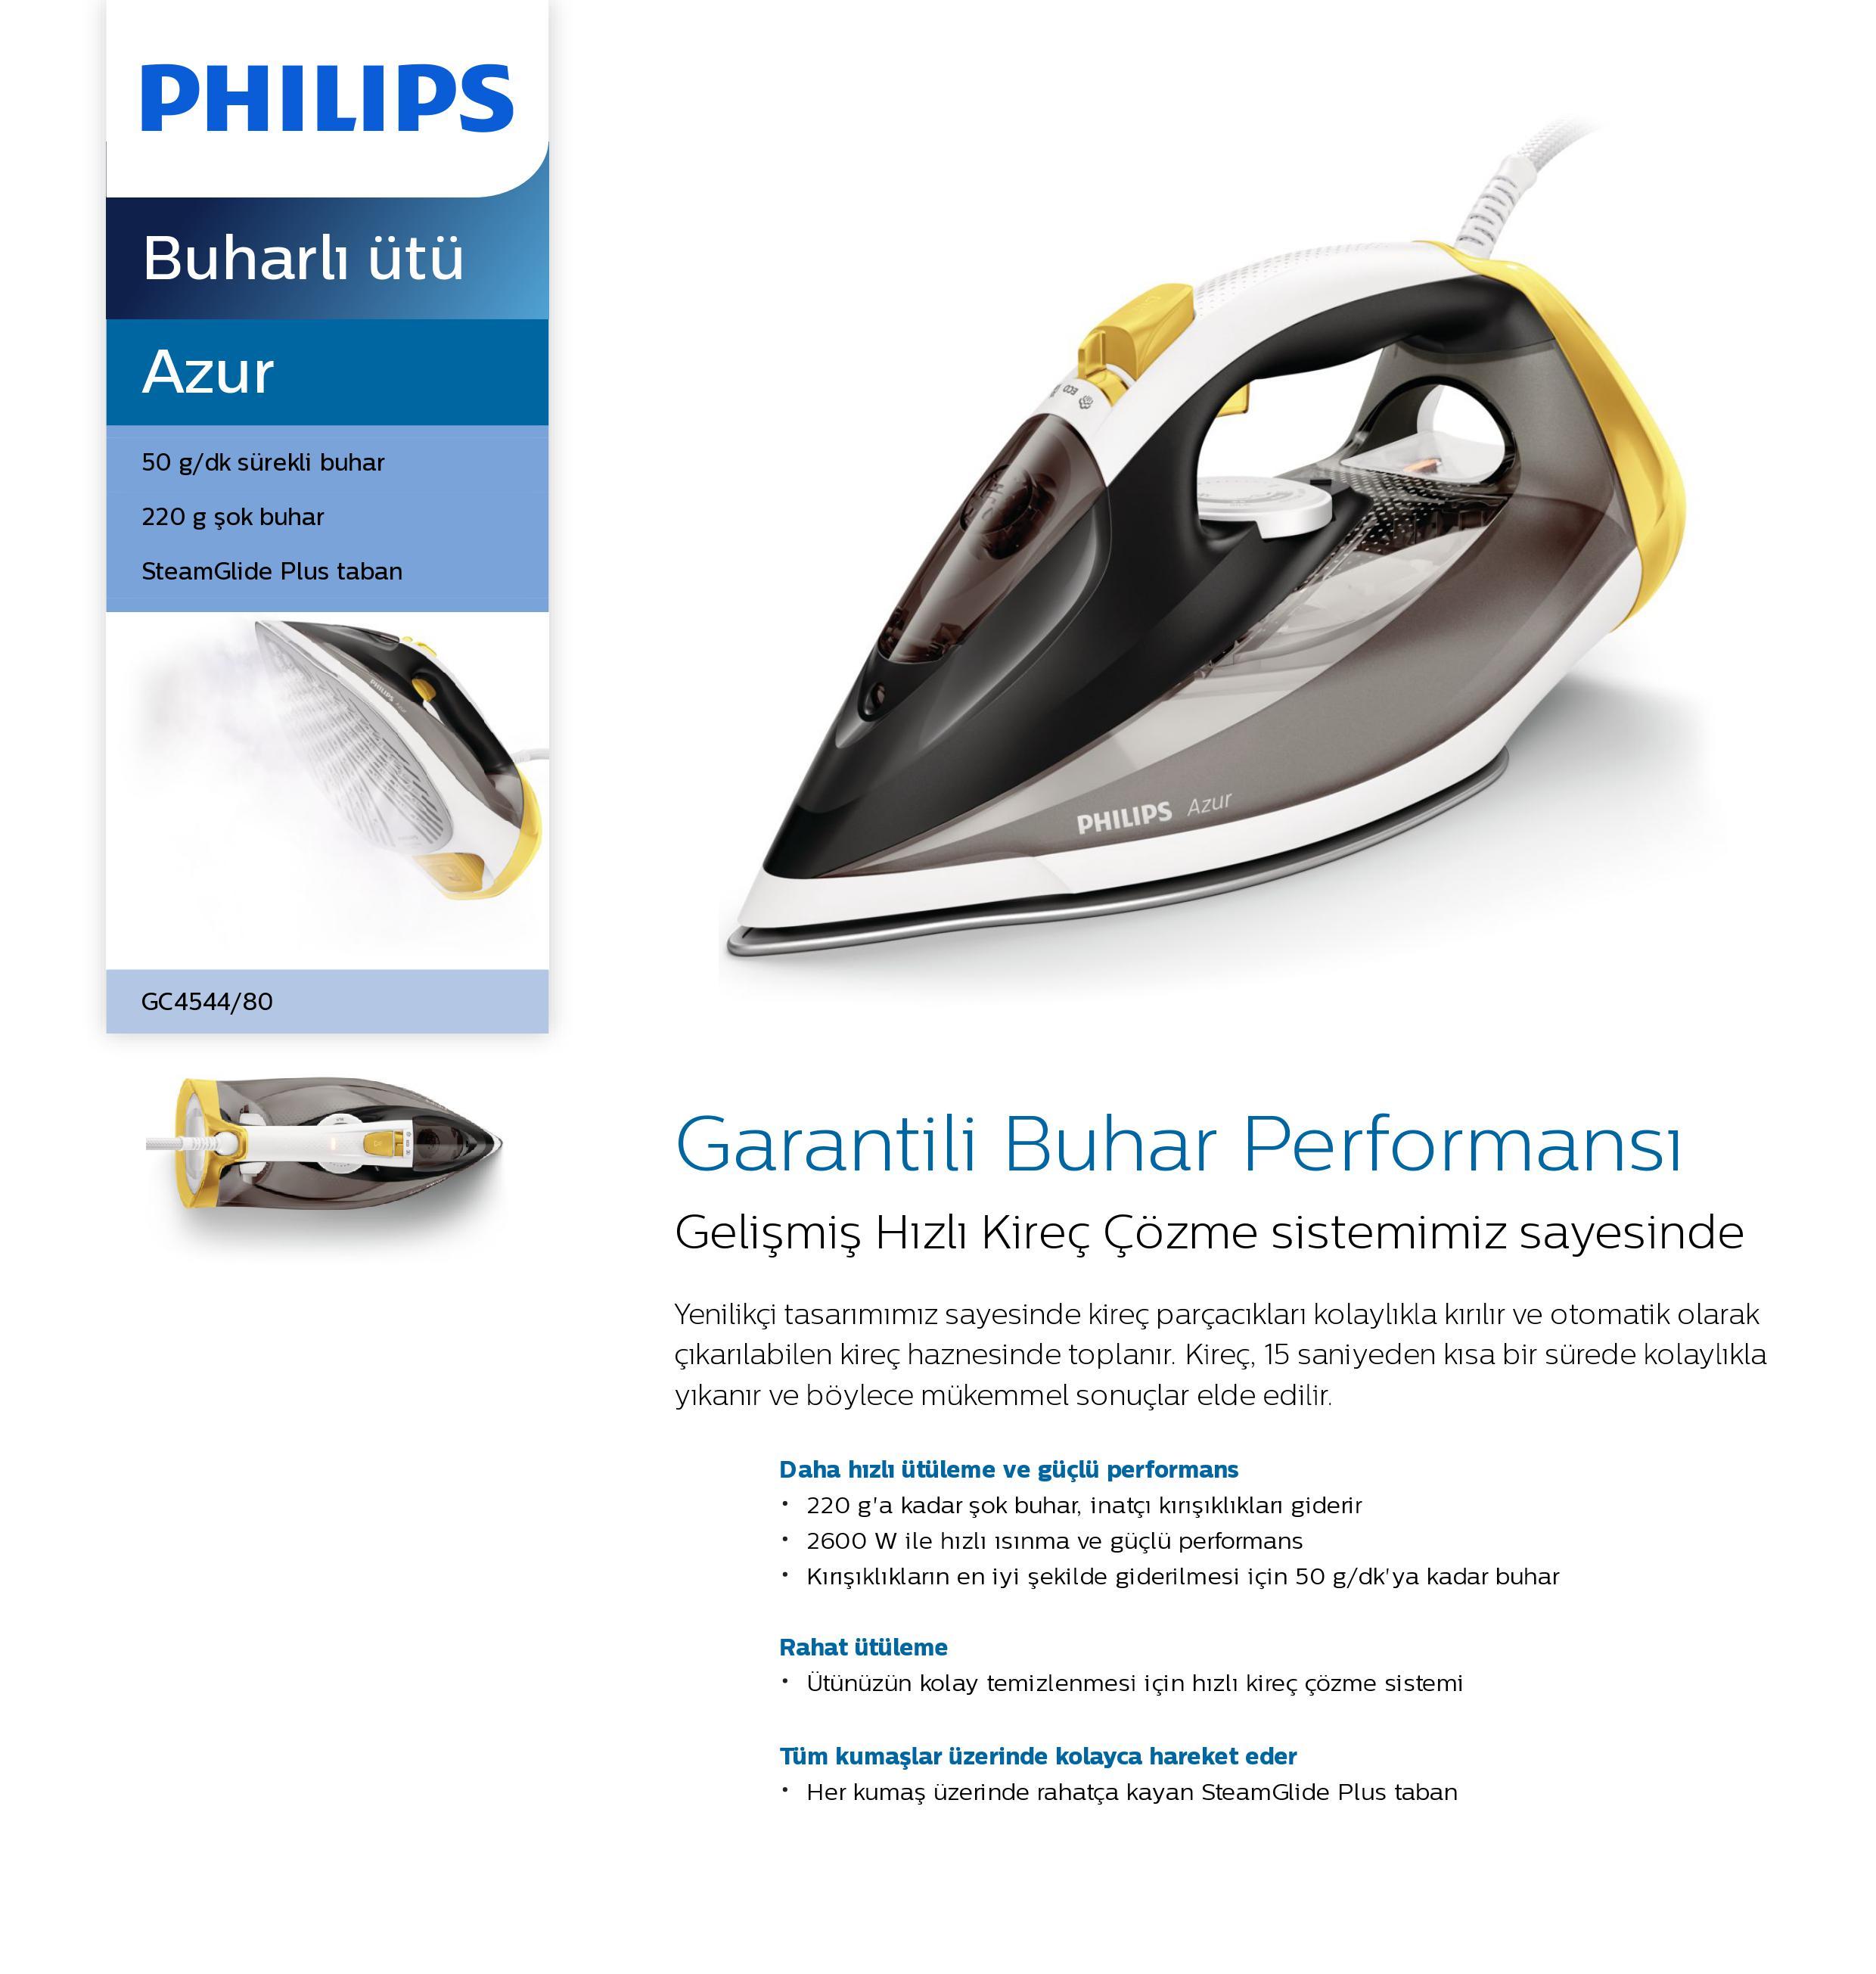 Philips GC4544/80 Azur 2600 W Buharlı Ütü